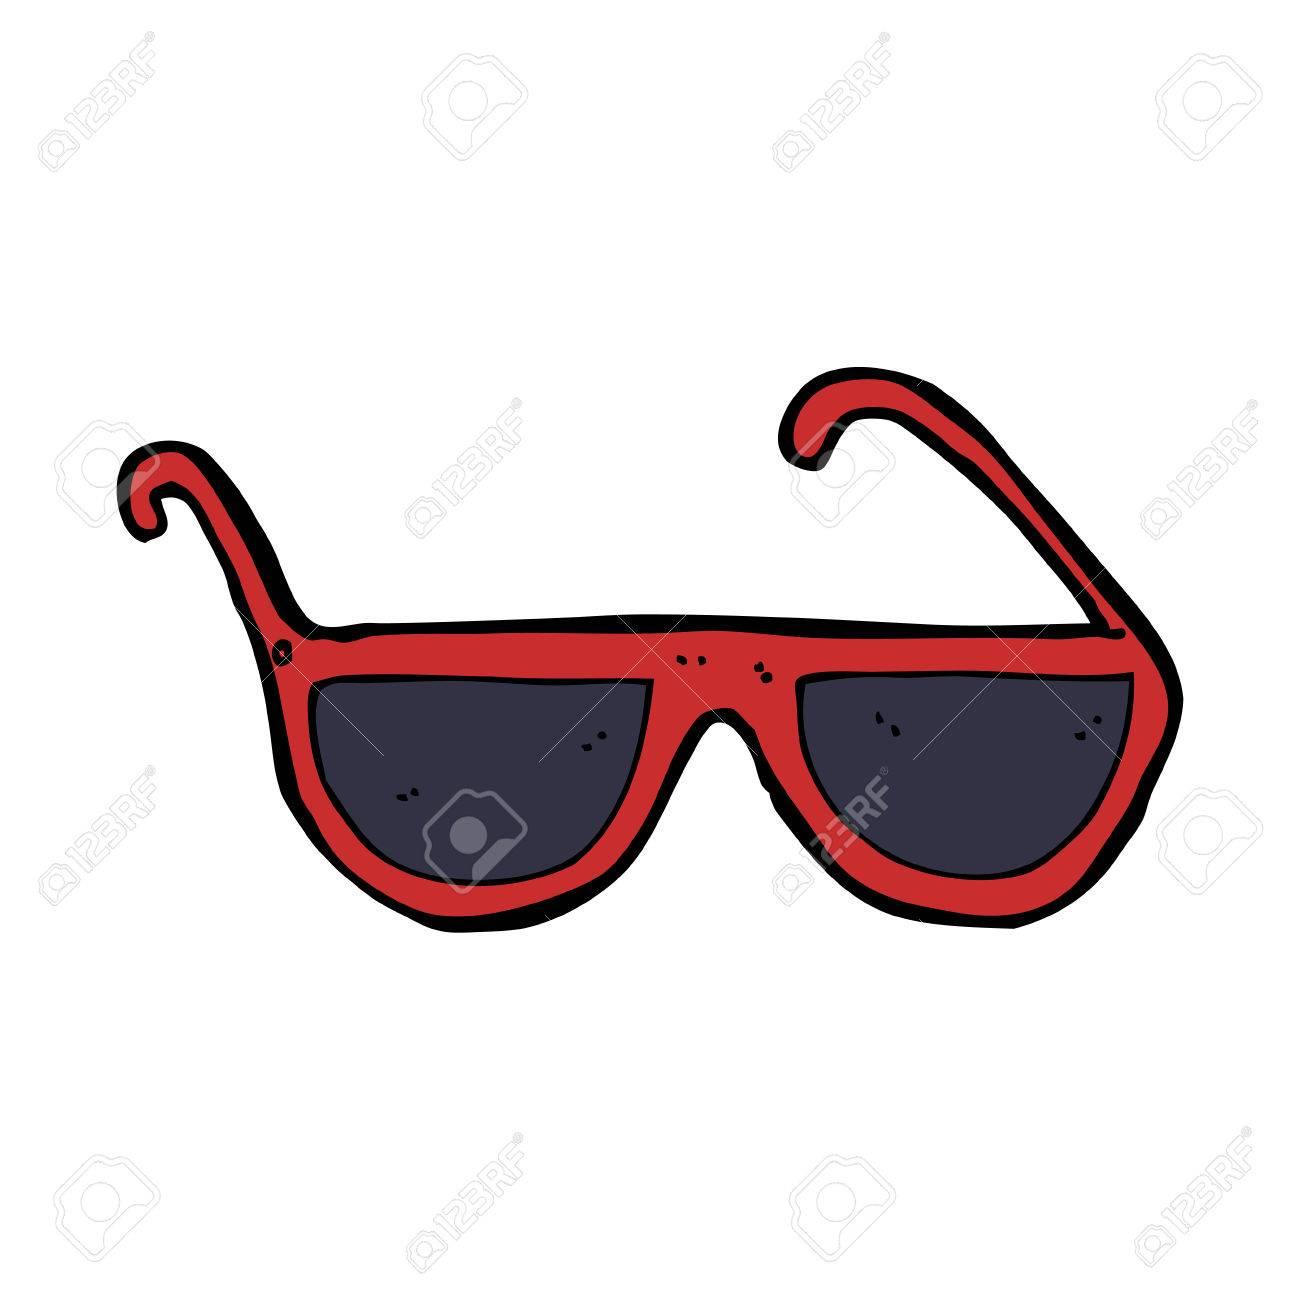 Foto de archivo , gafas de sol de dibujos animados